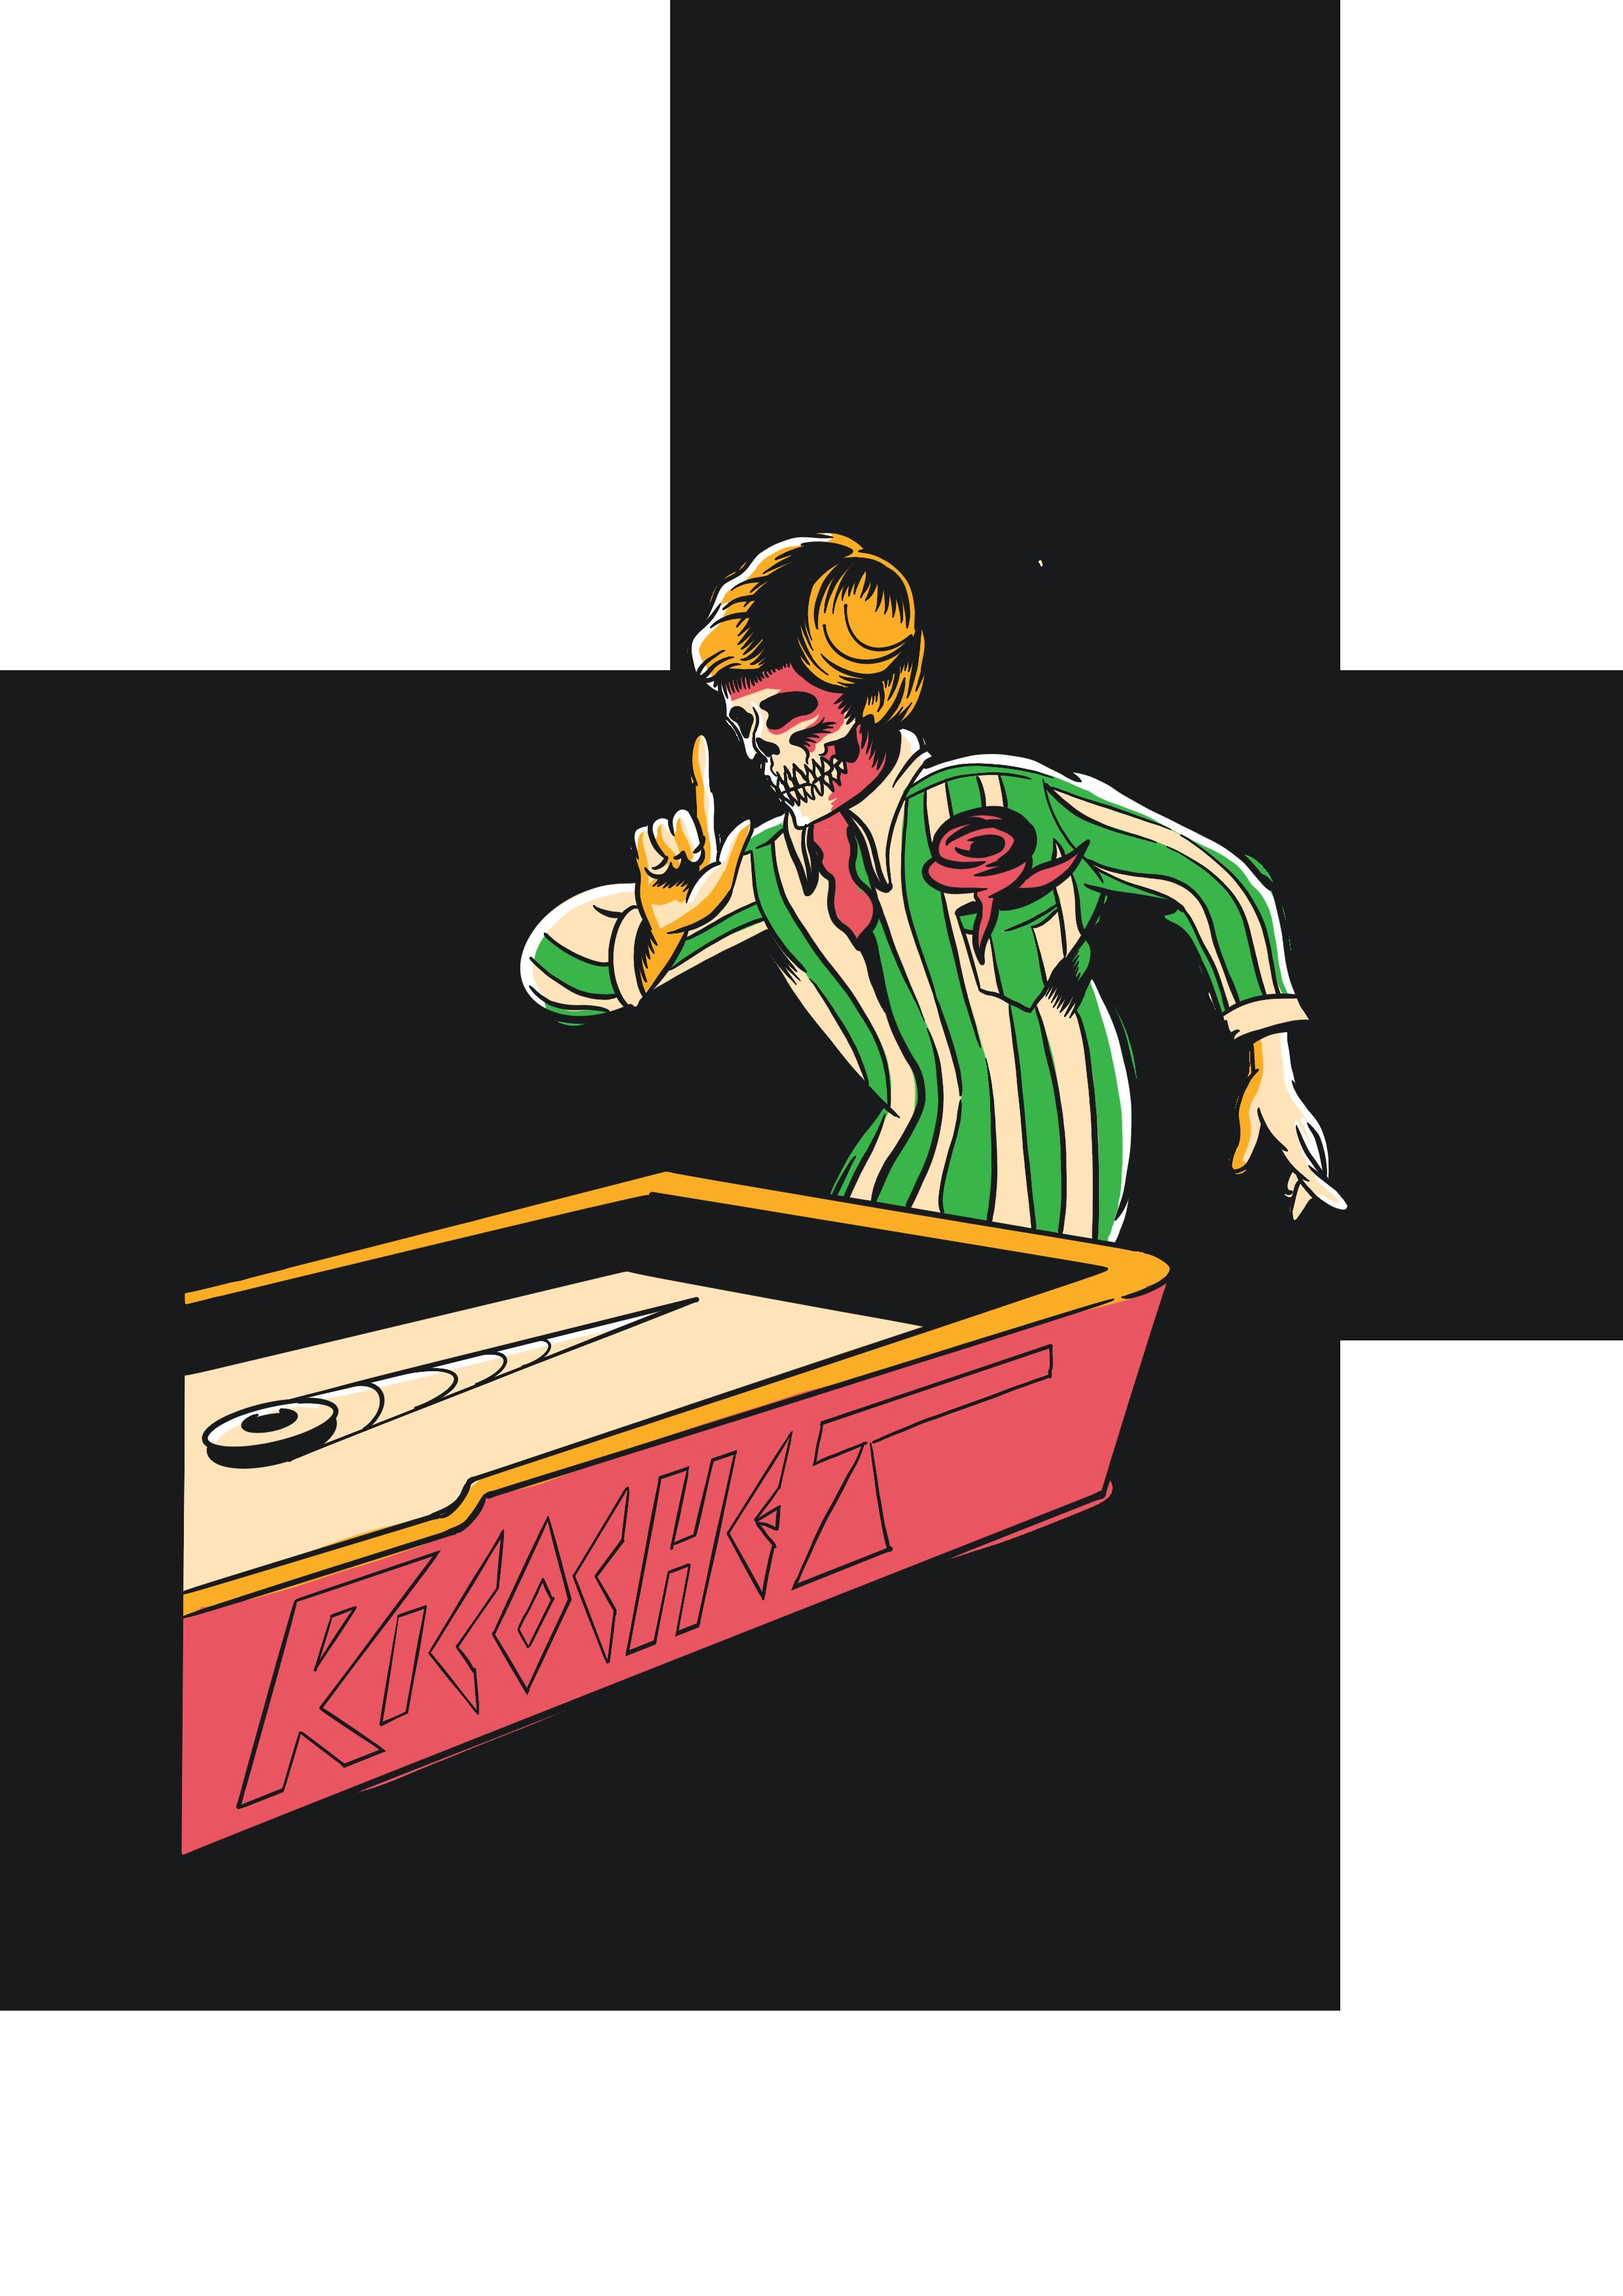 03_shuffleboard_1